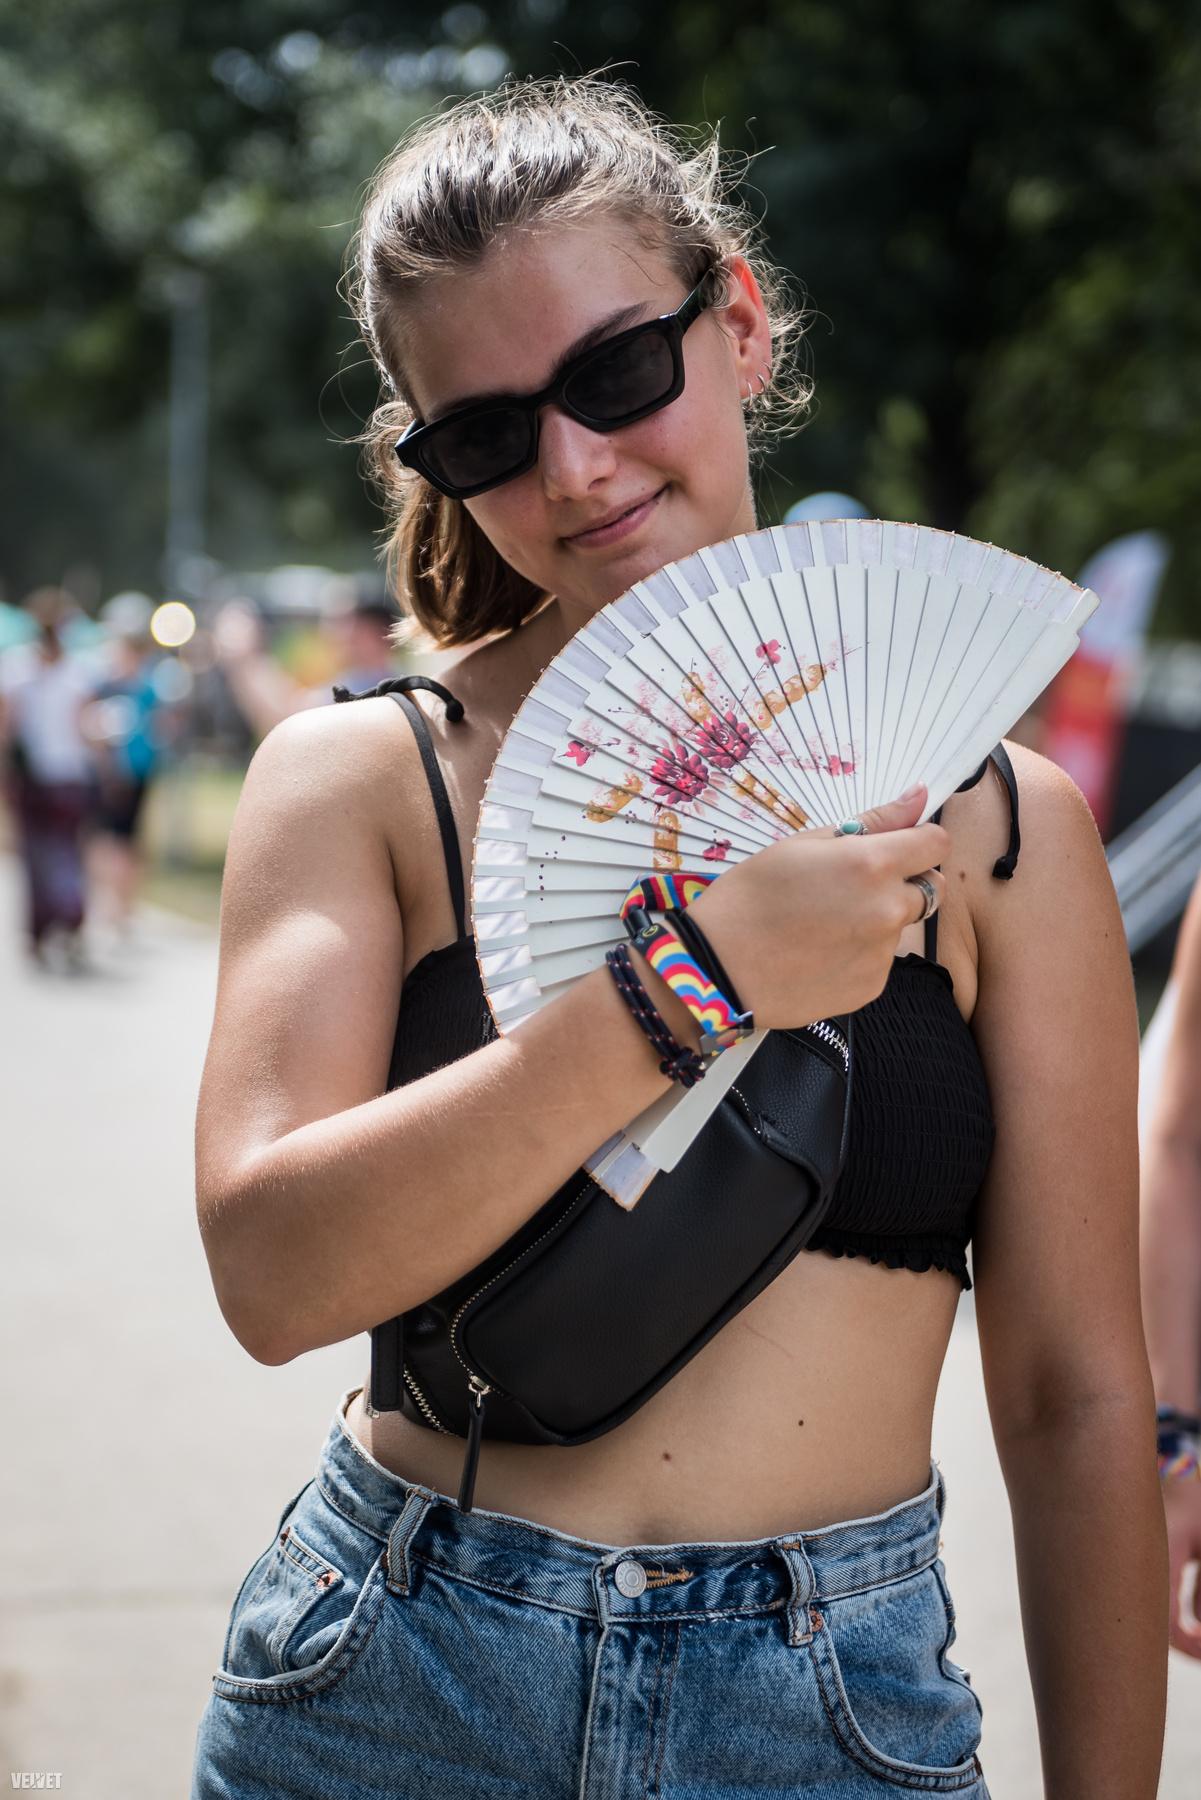 6. Magyar lány rózsaszín legyezővel